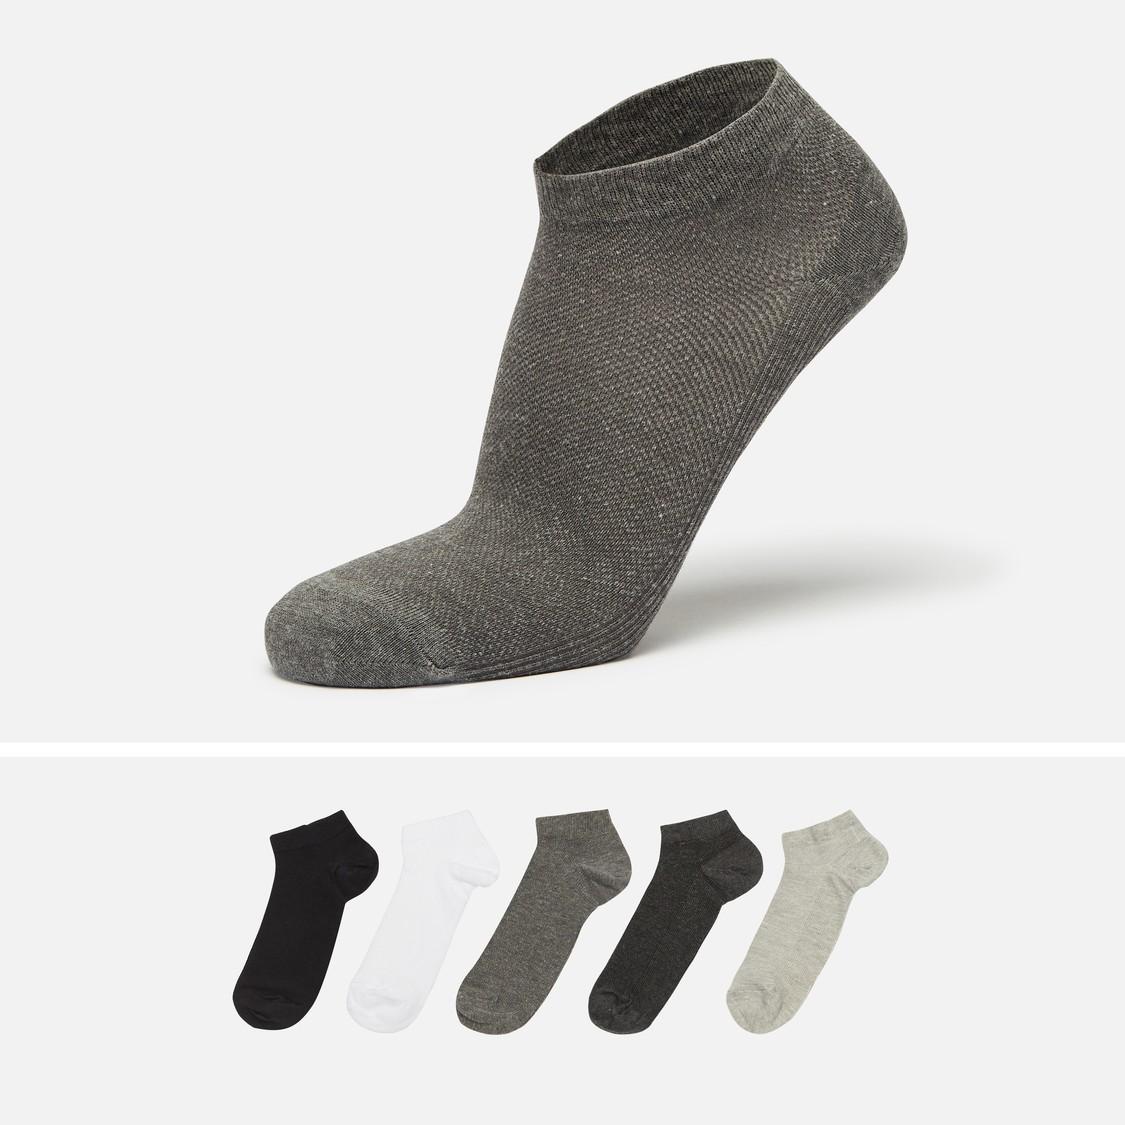 Set of 5 - Plain Ankle Length Socks